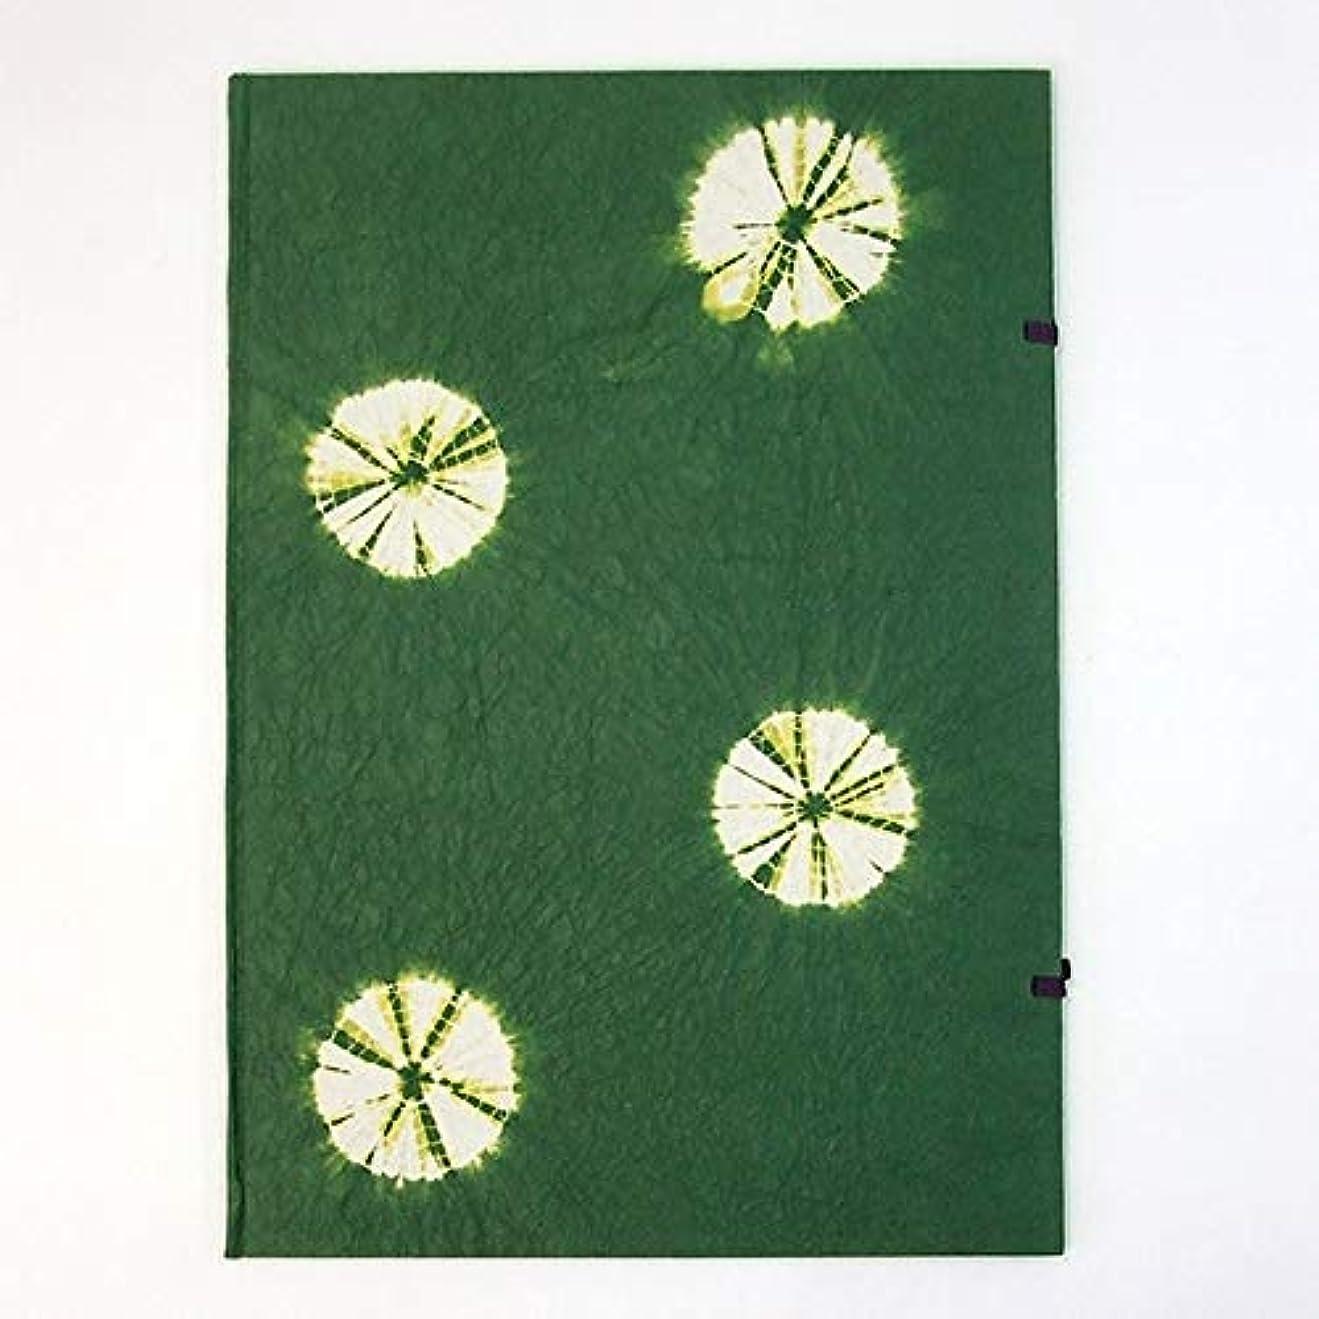 ふざけたリズム磁器手本ばさみ 紙ばさみ 絞り染め 緑